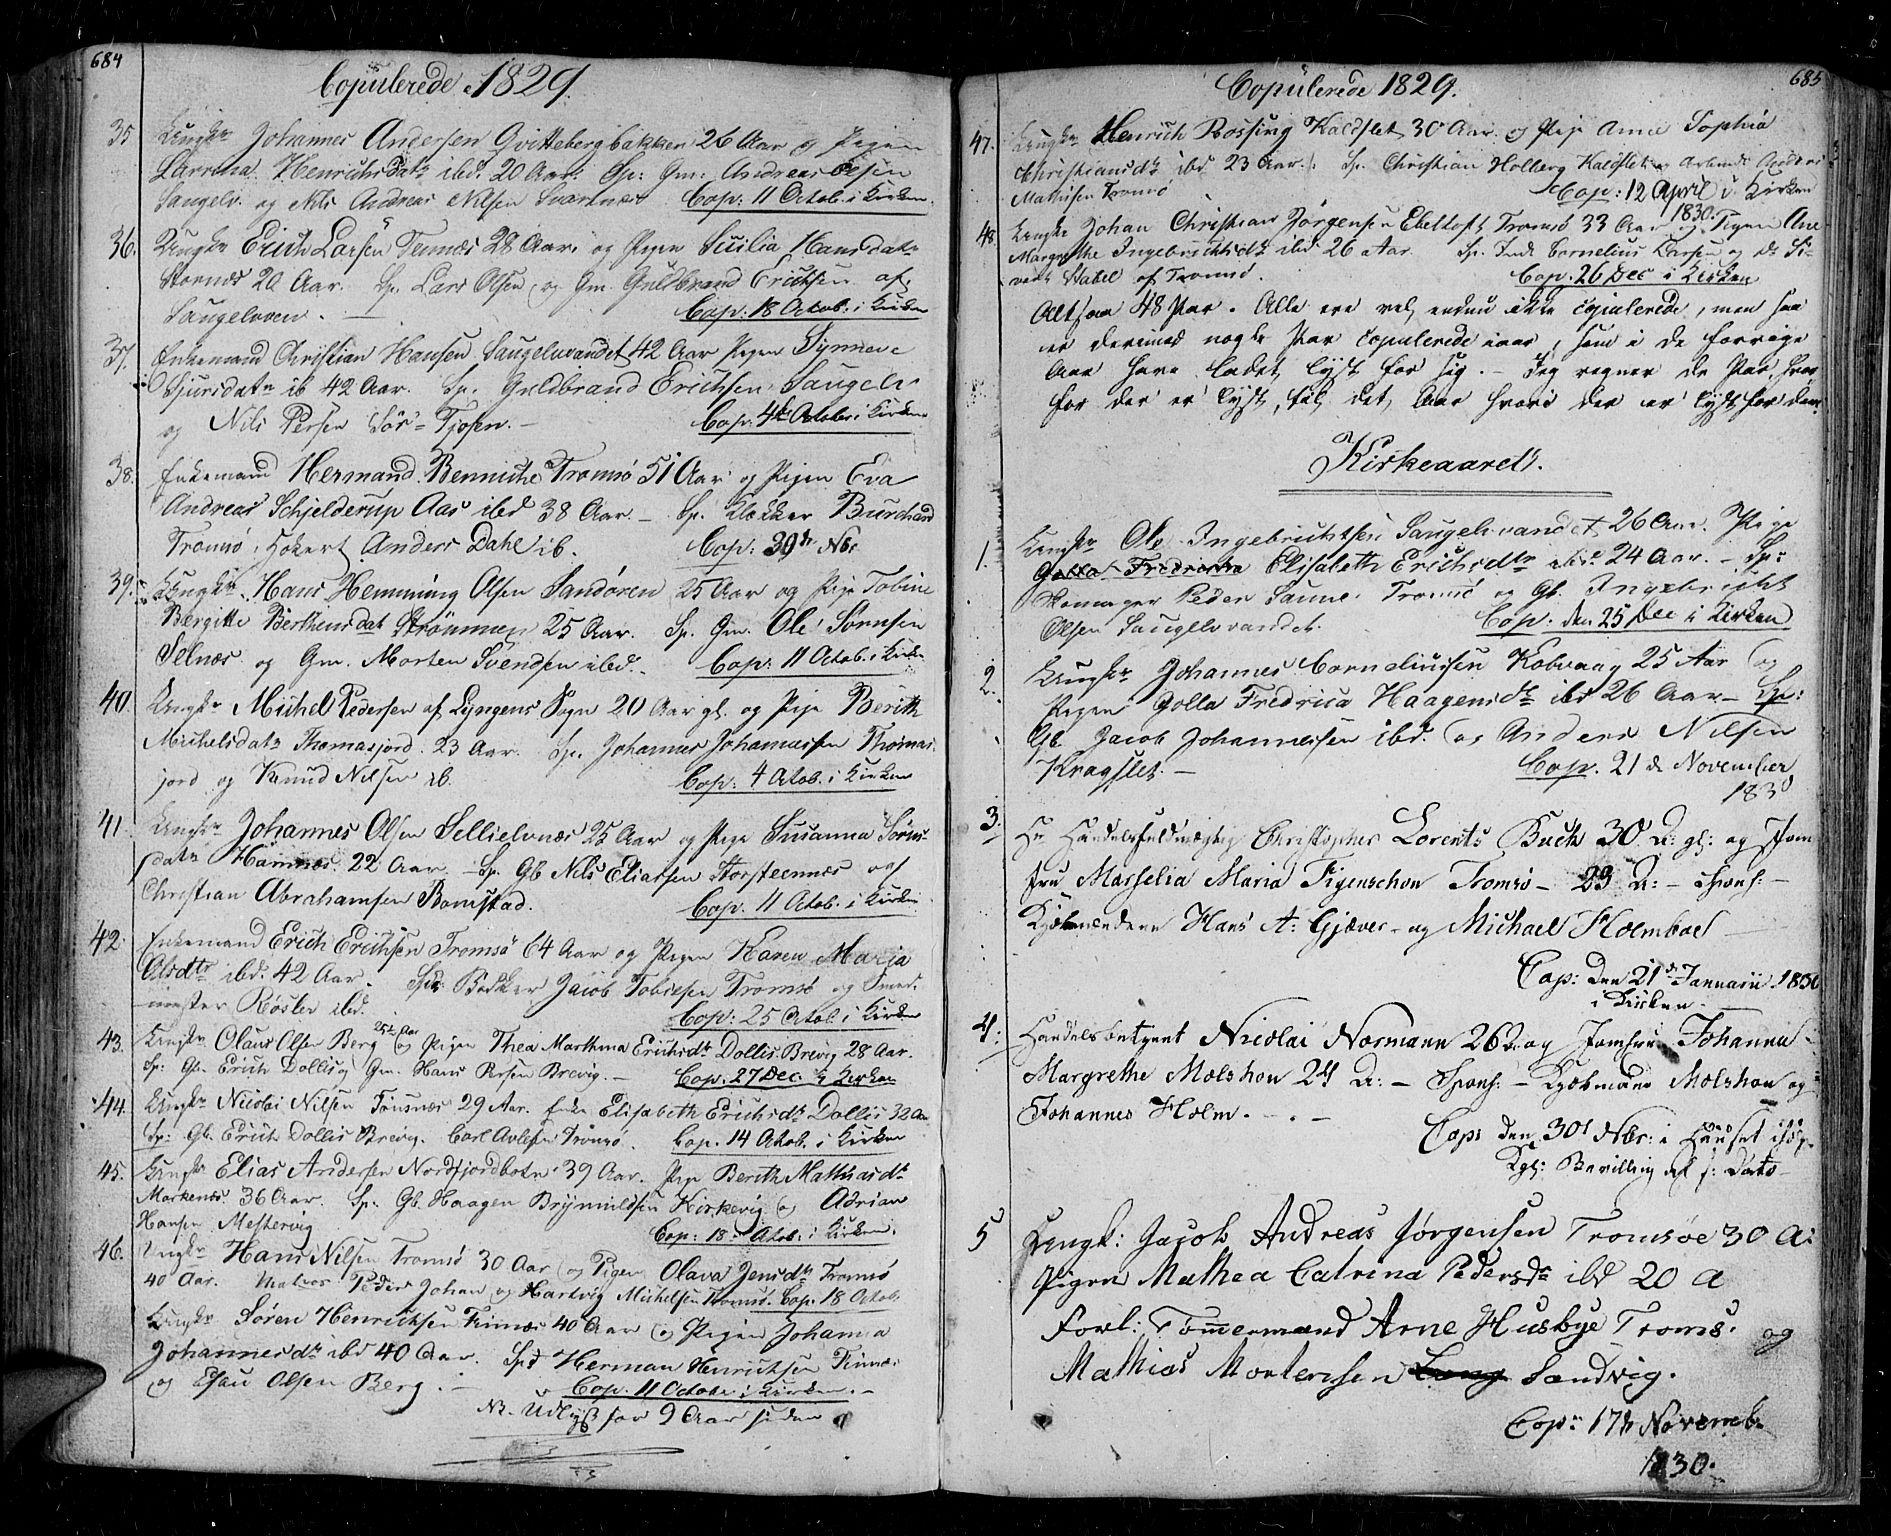 SATØ, Tromsø sokneprestkontor/stiftsprosti/domprosti, G/Ga/L0008kirke: Ministerialbok nr. 8, 1829-1837, s. 684-685